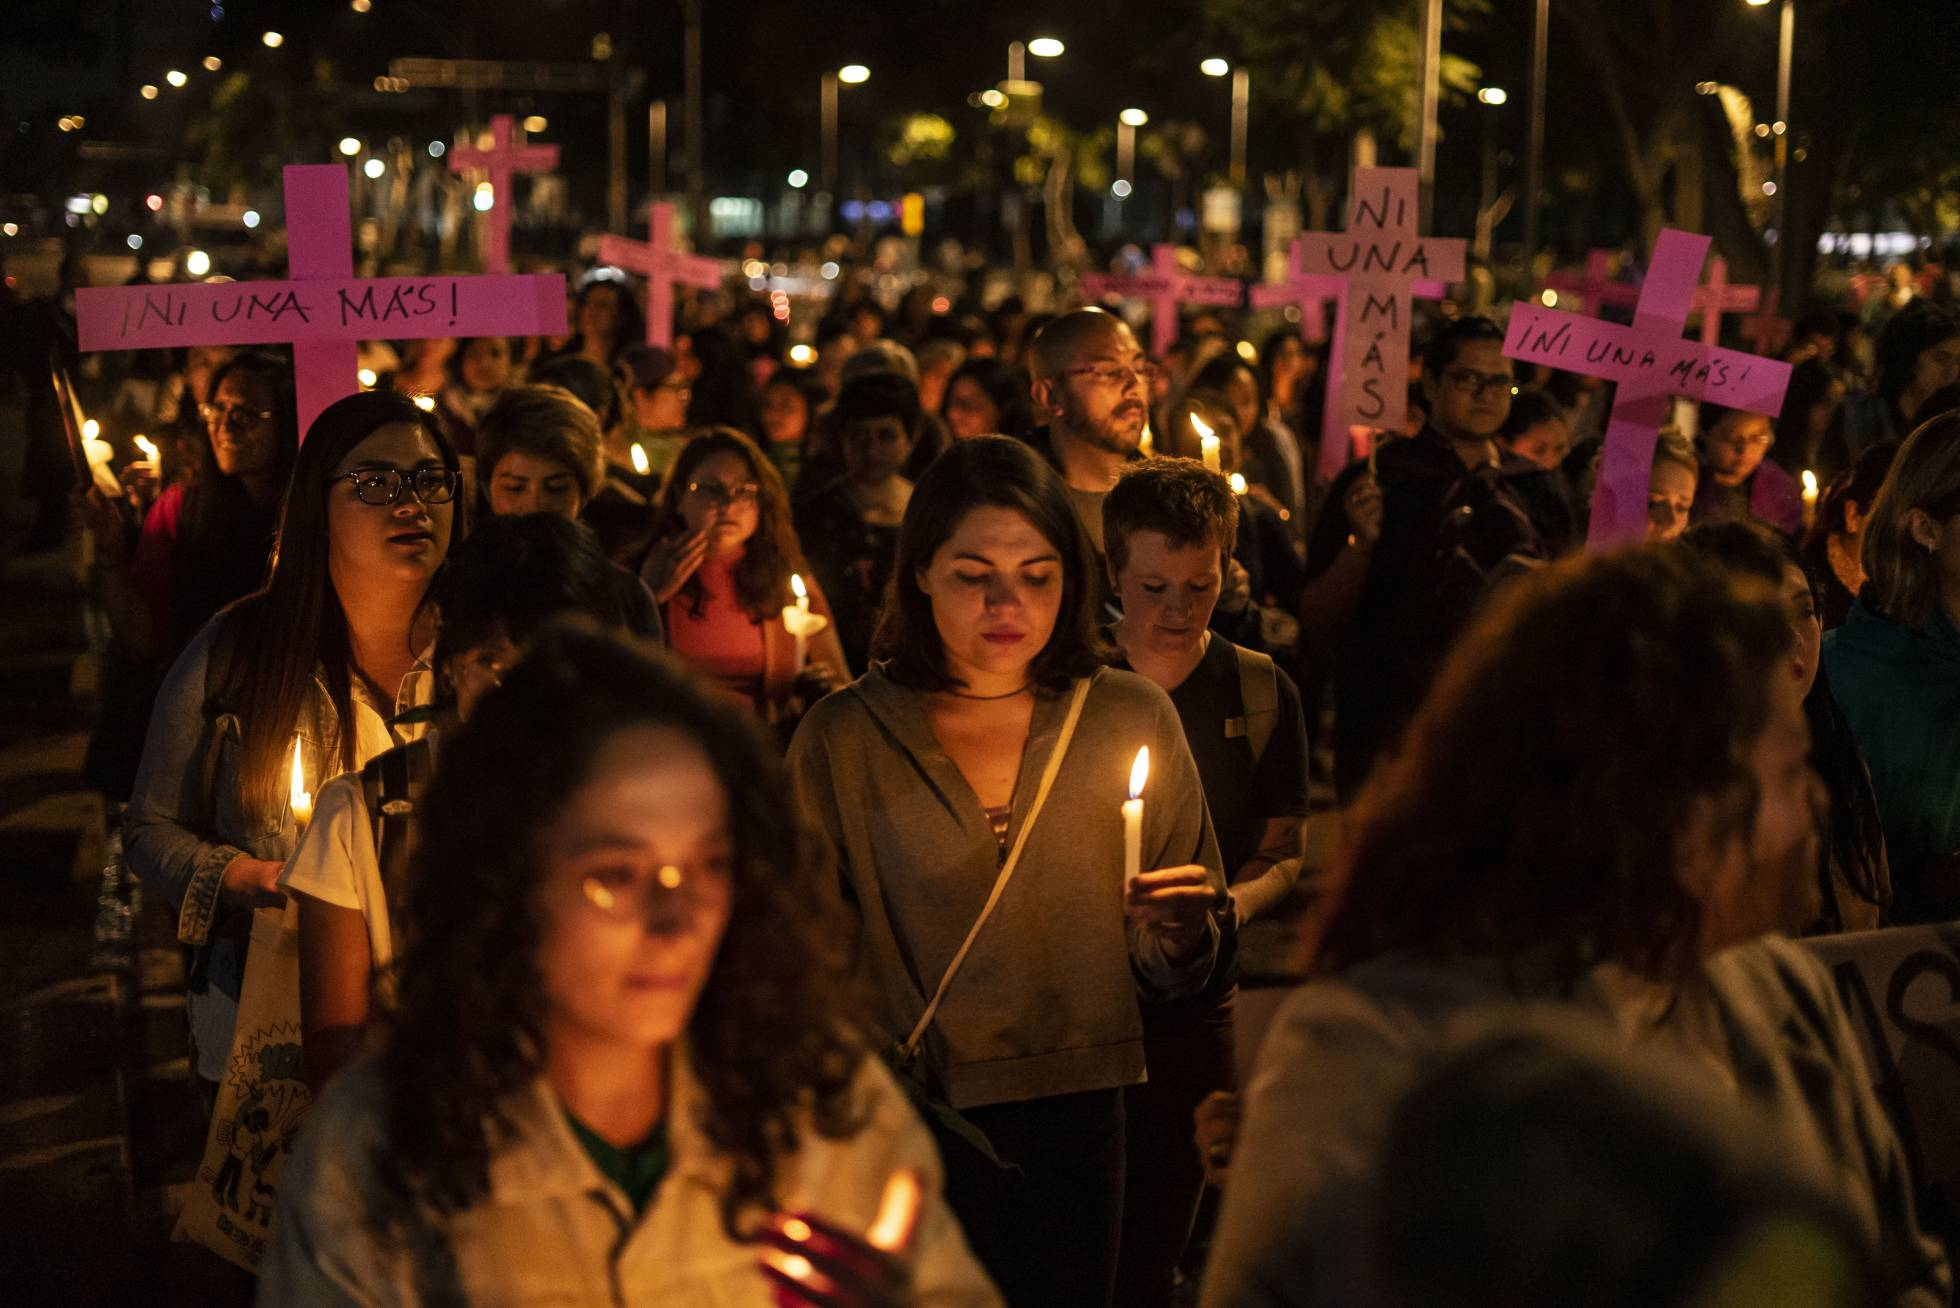 México: El brutal feminicidio de Ingrid Escamilla genera ira y críticas por filtración de las fotos del crimen por parte de la policía